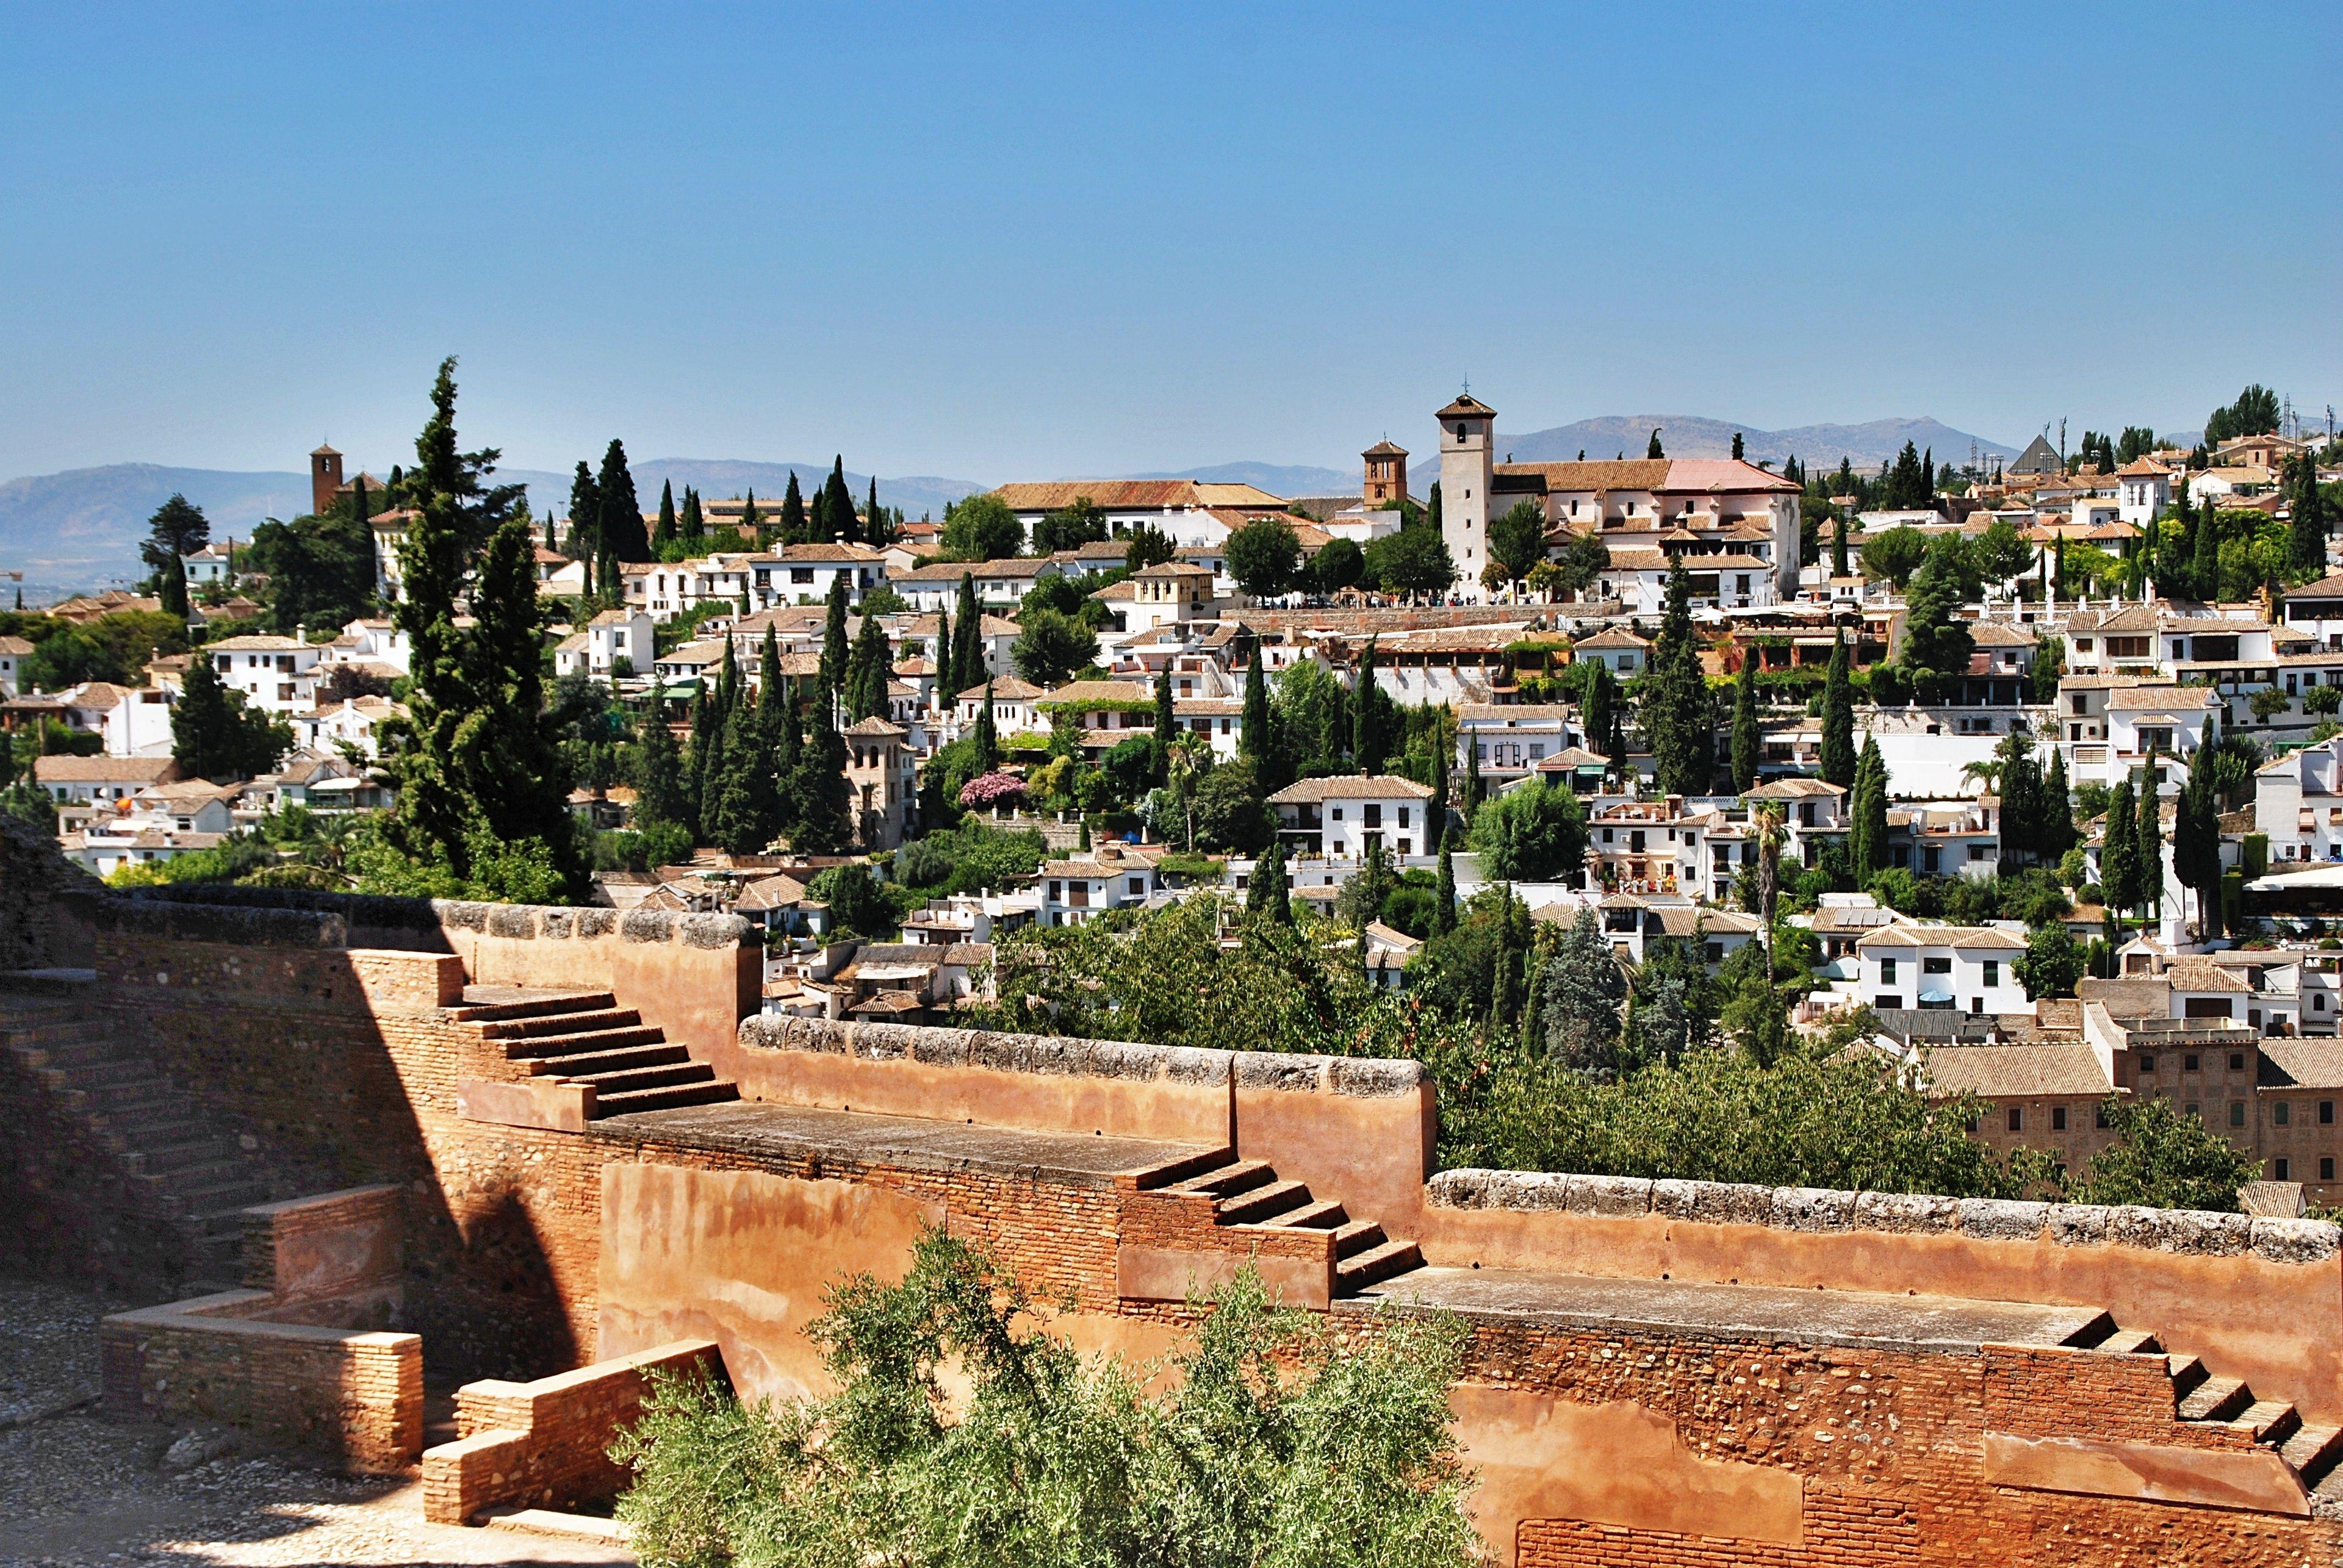 Alhambran, Albayzínin ja islamilaisten palatsien kävelykierros jonojen ohi